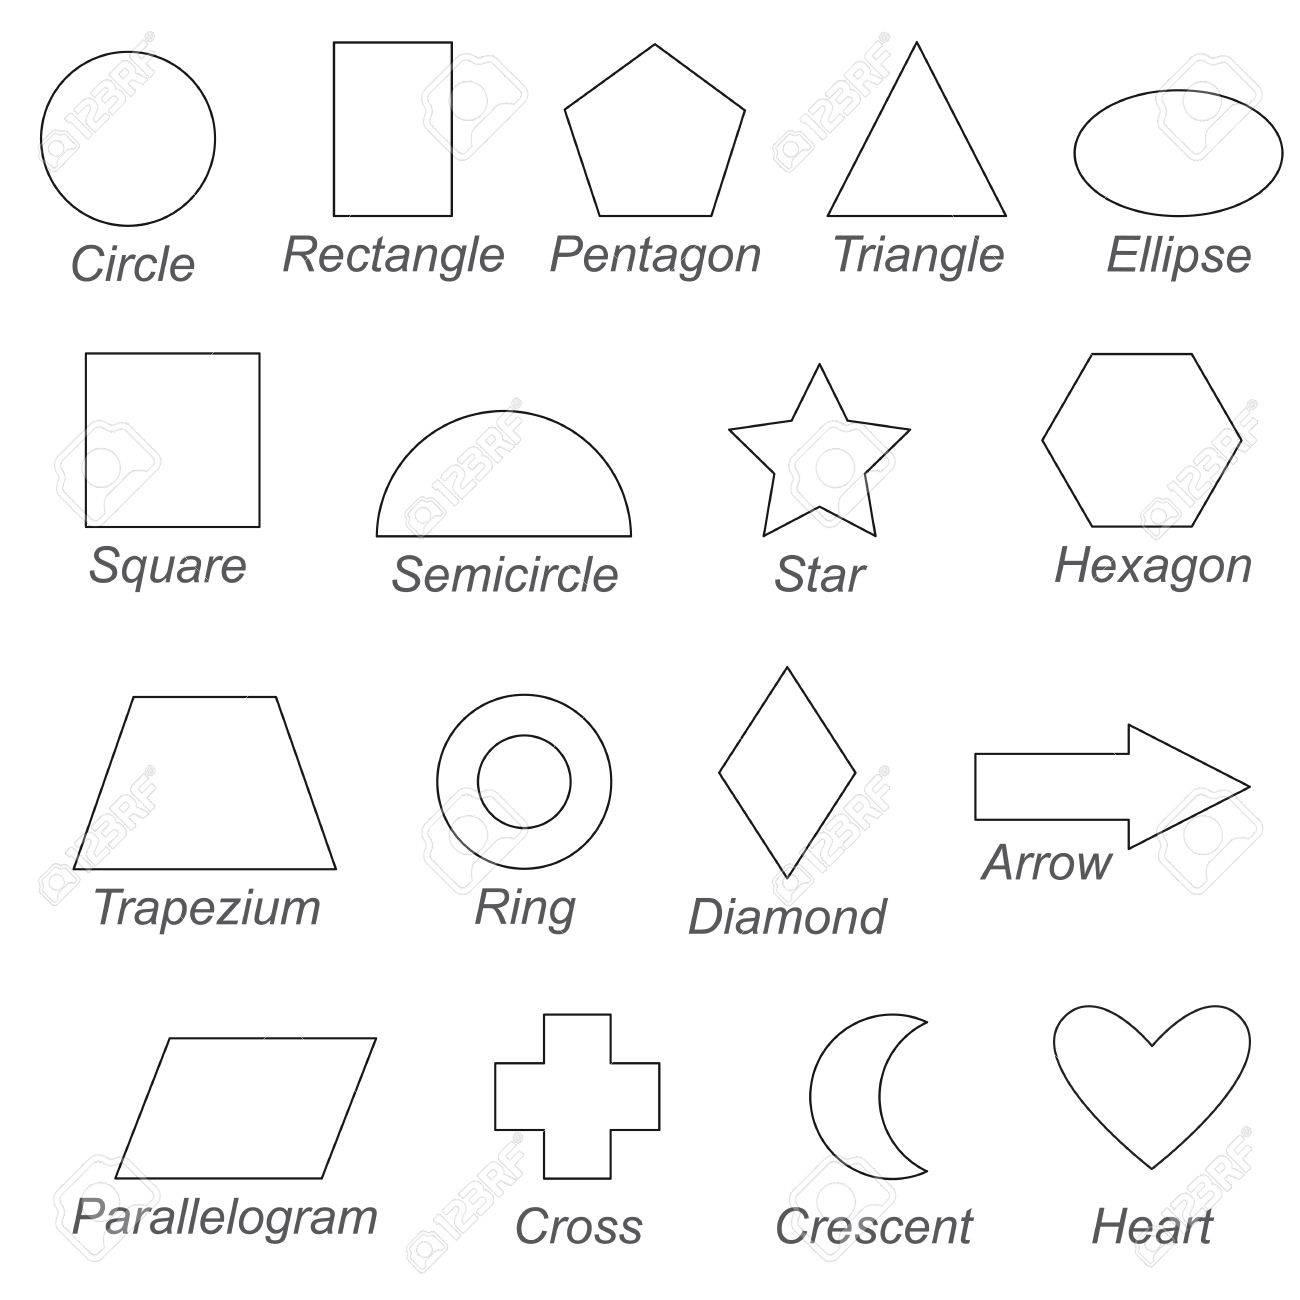 Formas Y Formas Geométricas Configuradas Para Ser Coloreadas El Gran Libro Para Colorear Para Niños En Edad Preescolar Con Un Nivel Educativo